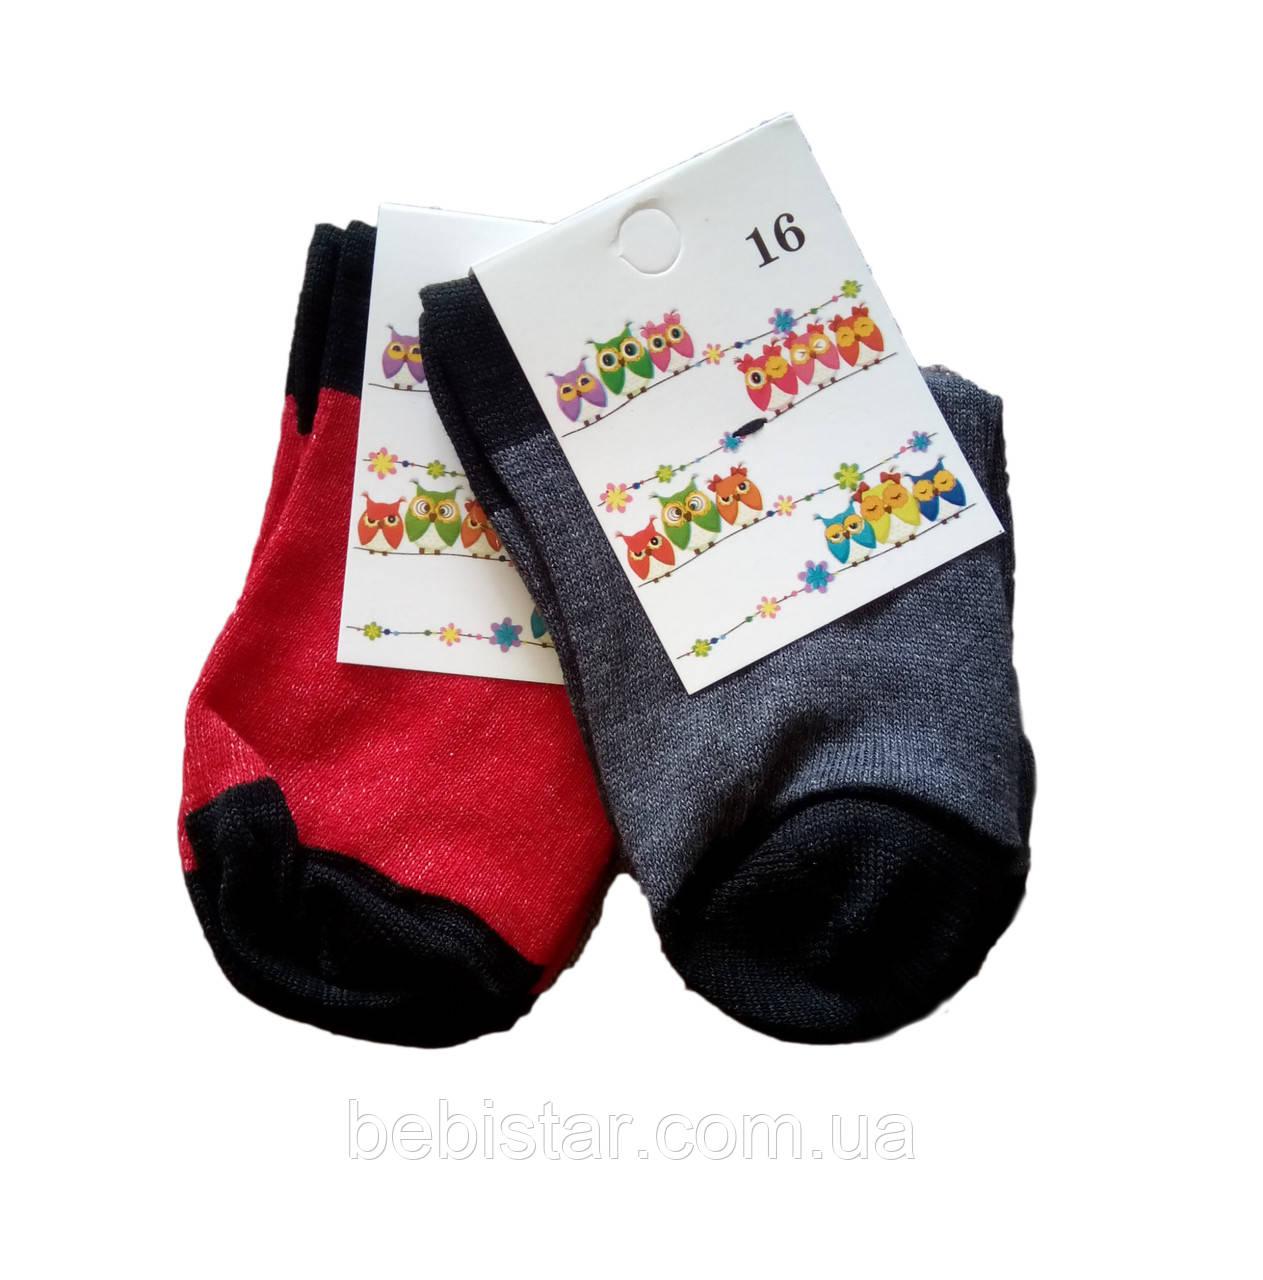 Носки для мальчика джинс и красные 3-4 года